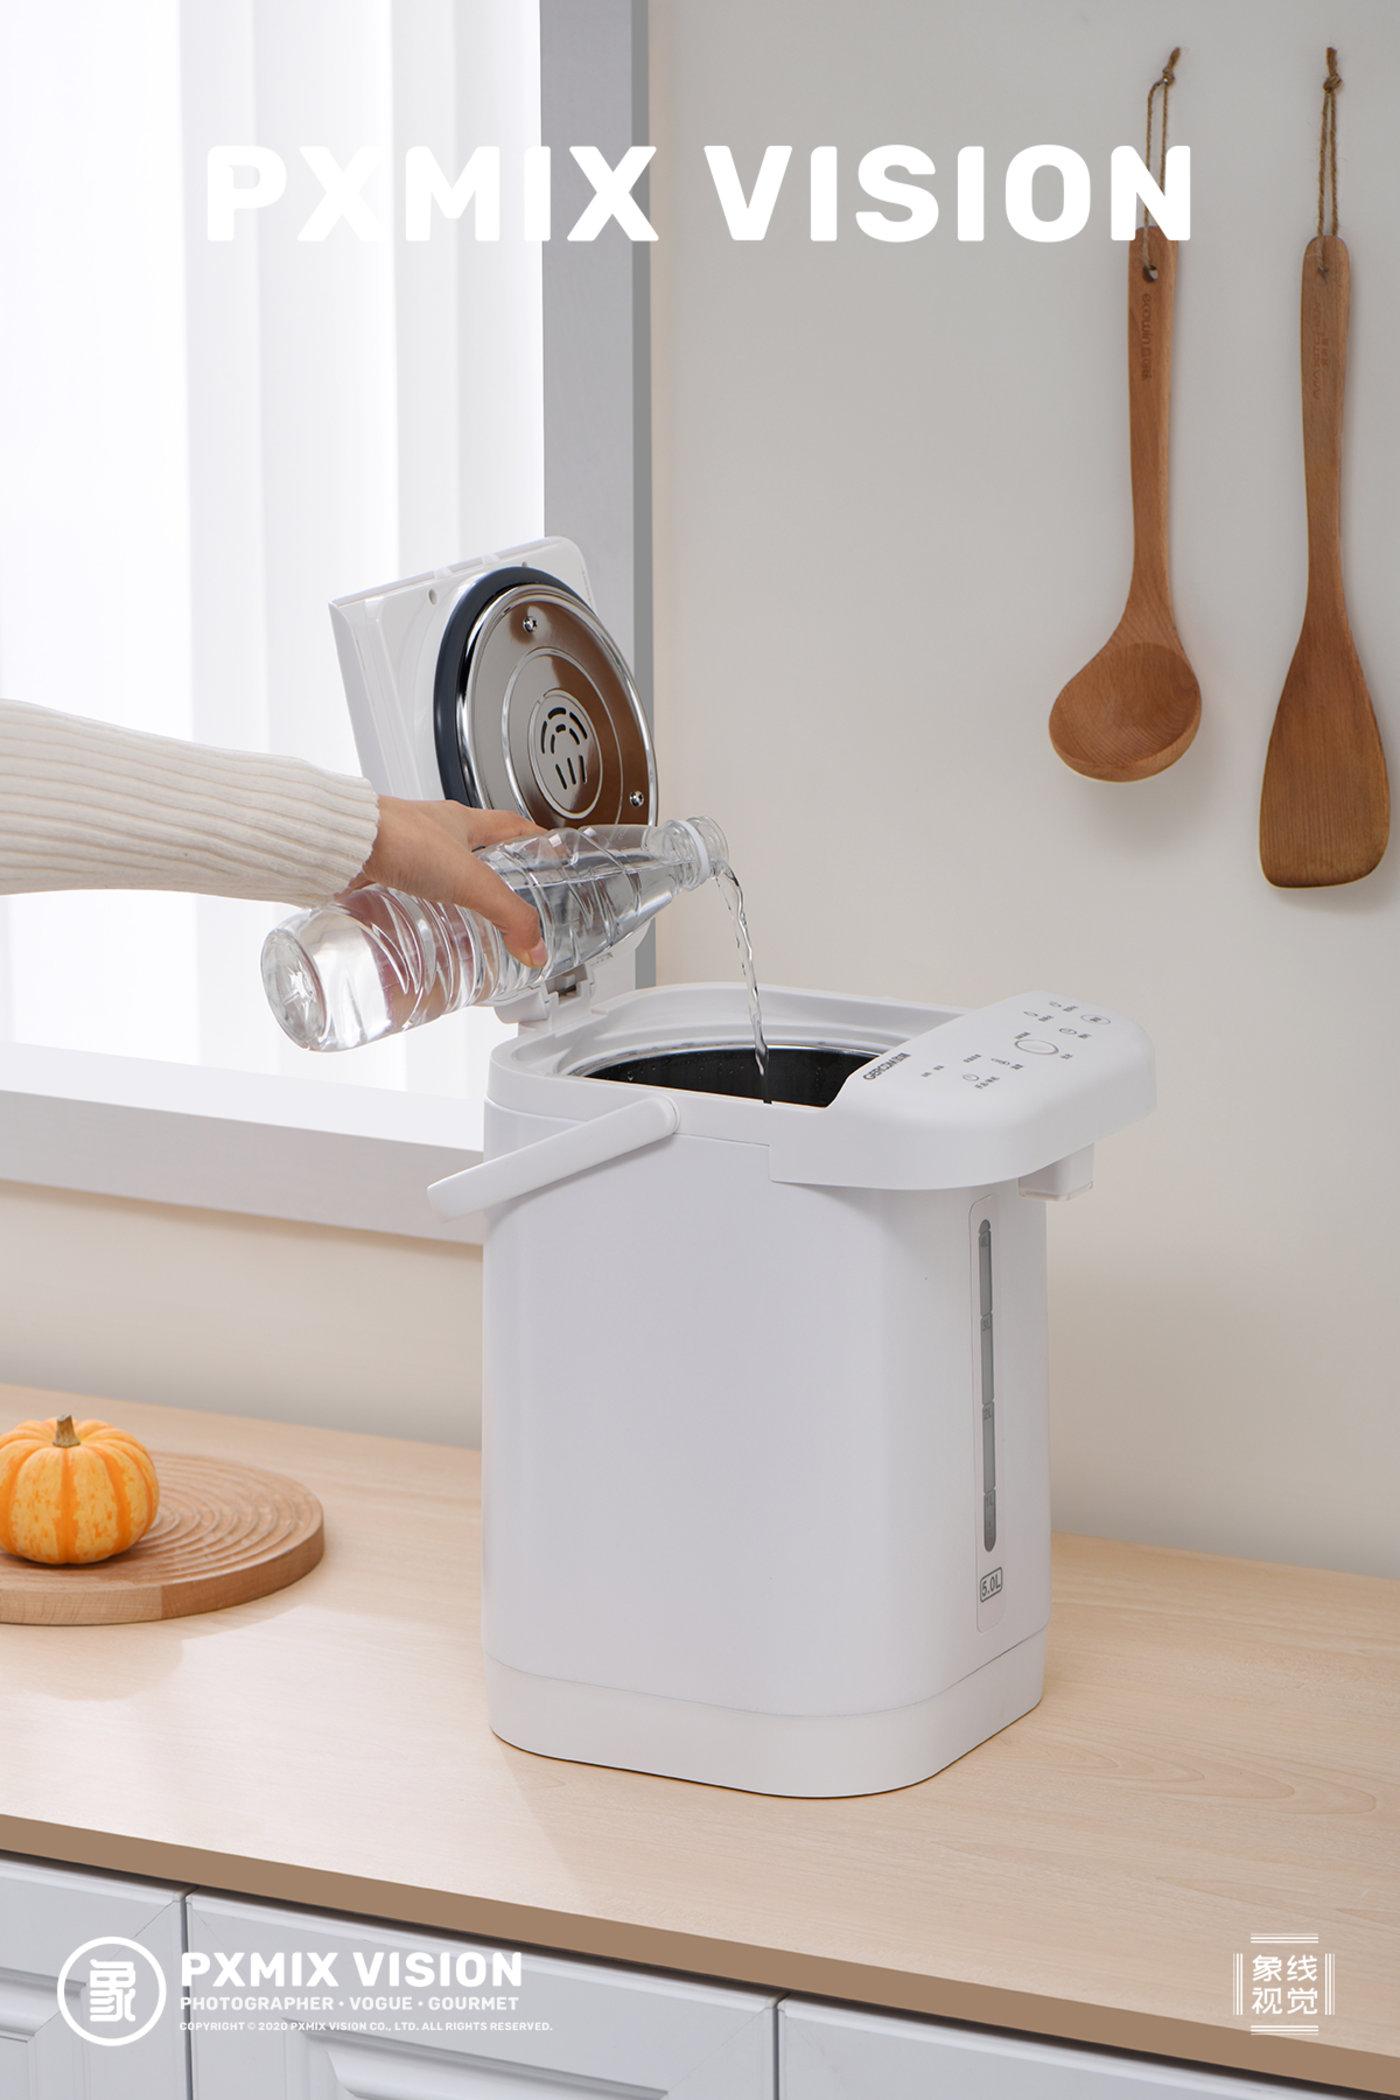 富光 FGA 电暖水壶5